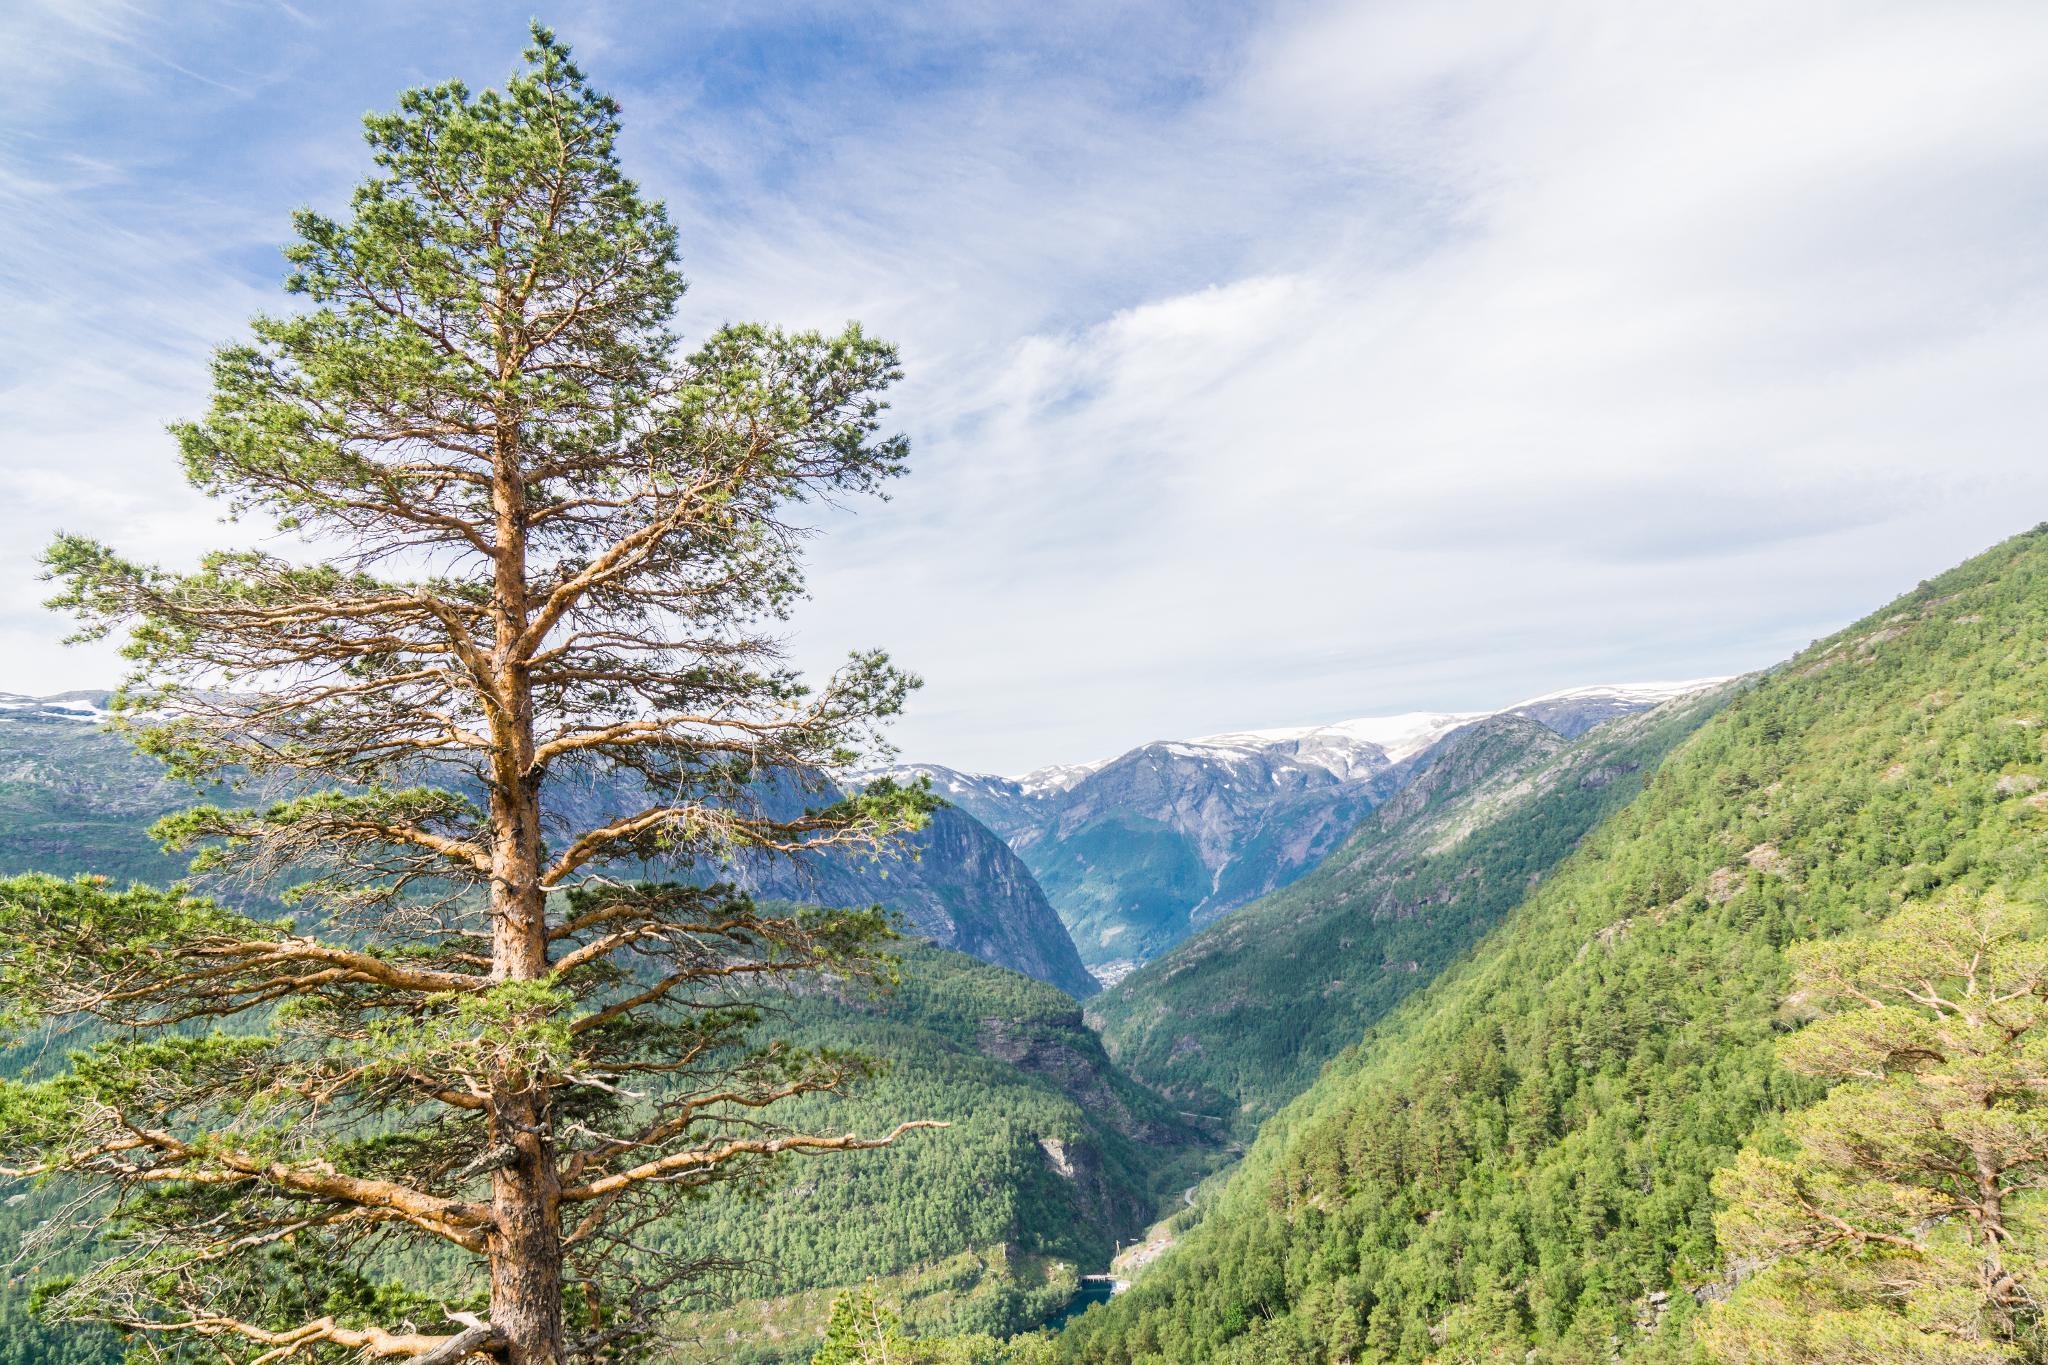 【北歐景點】挪威惡魔之舌 Trolltunga — 28公里健行挑戰全攻略 180